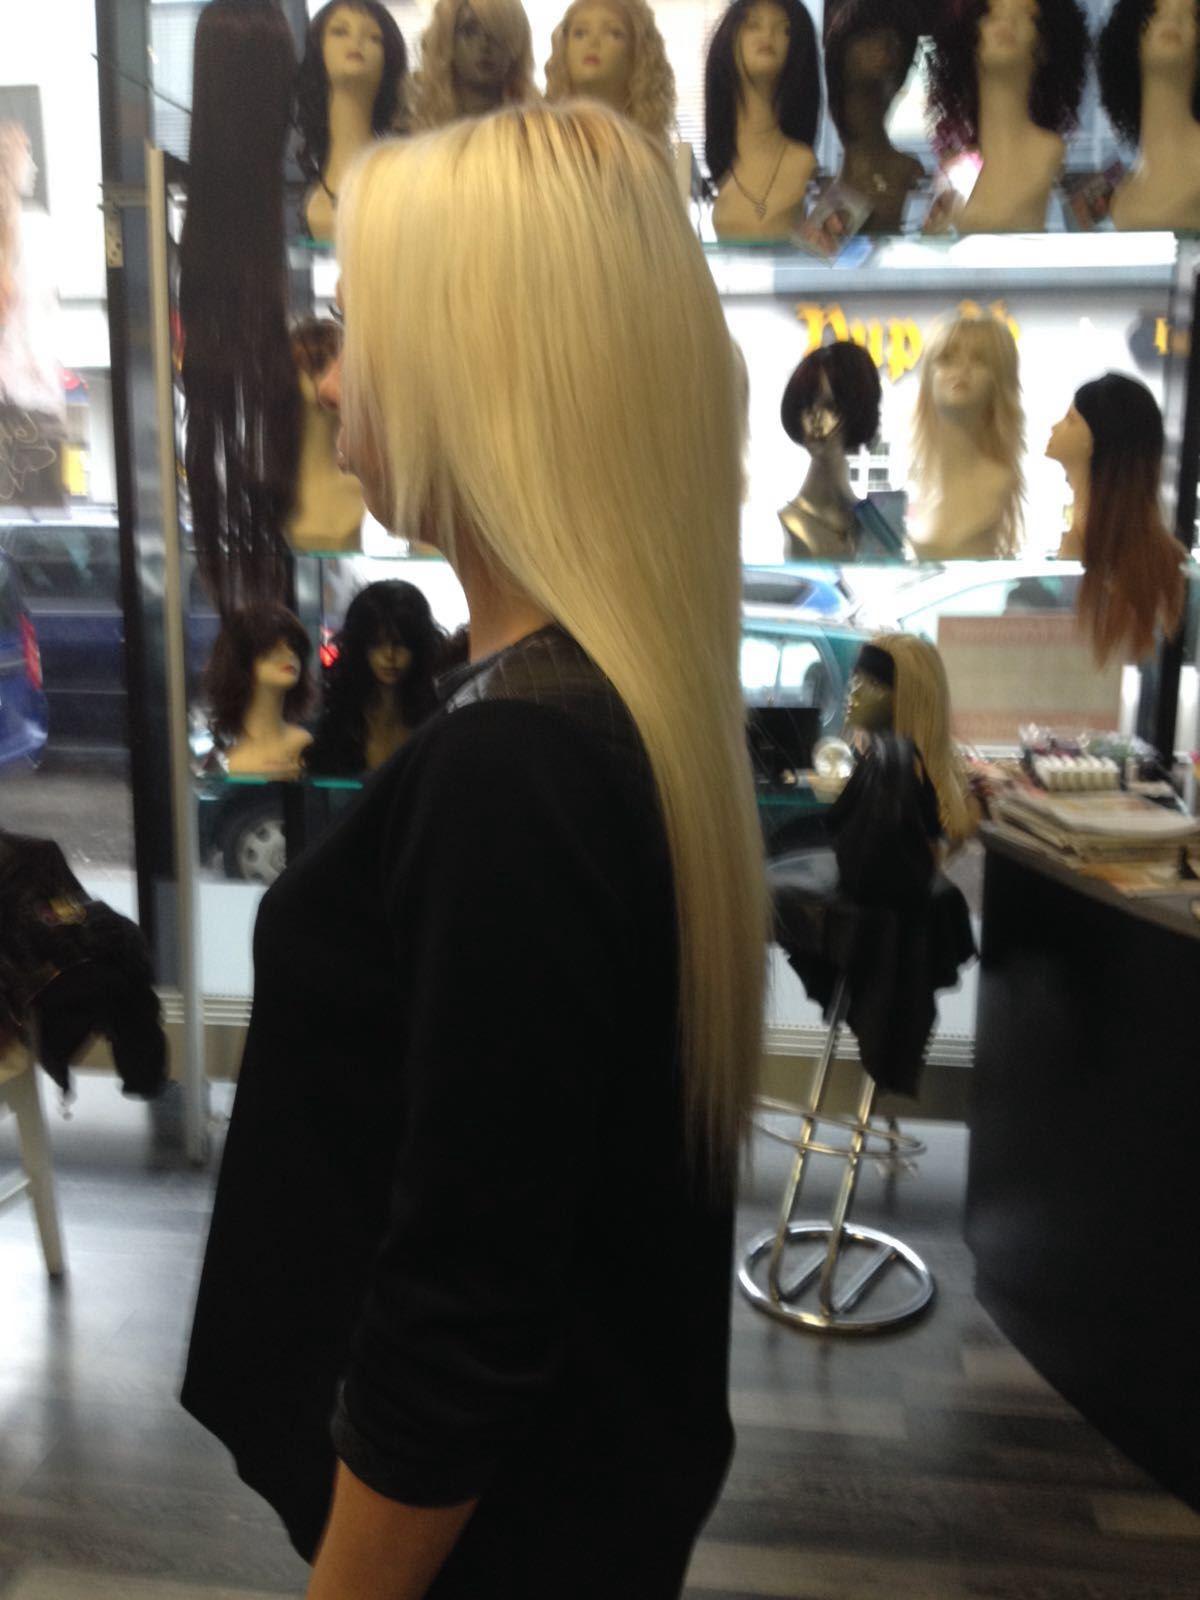 Haarverlangerung afro shop oberhausen